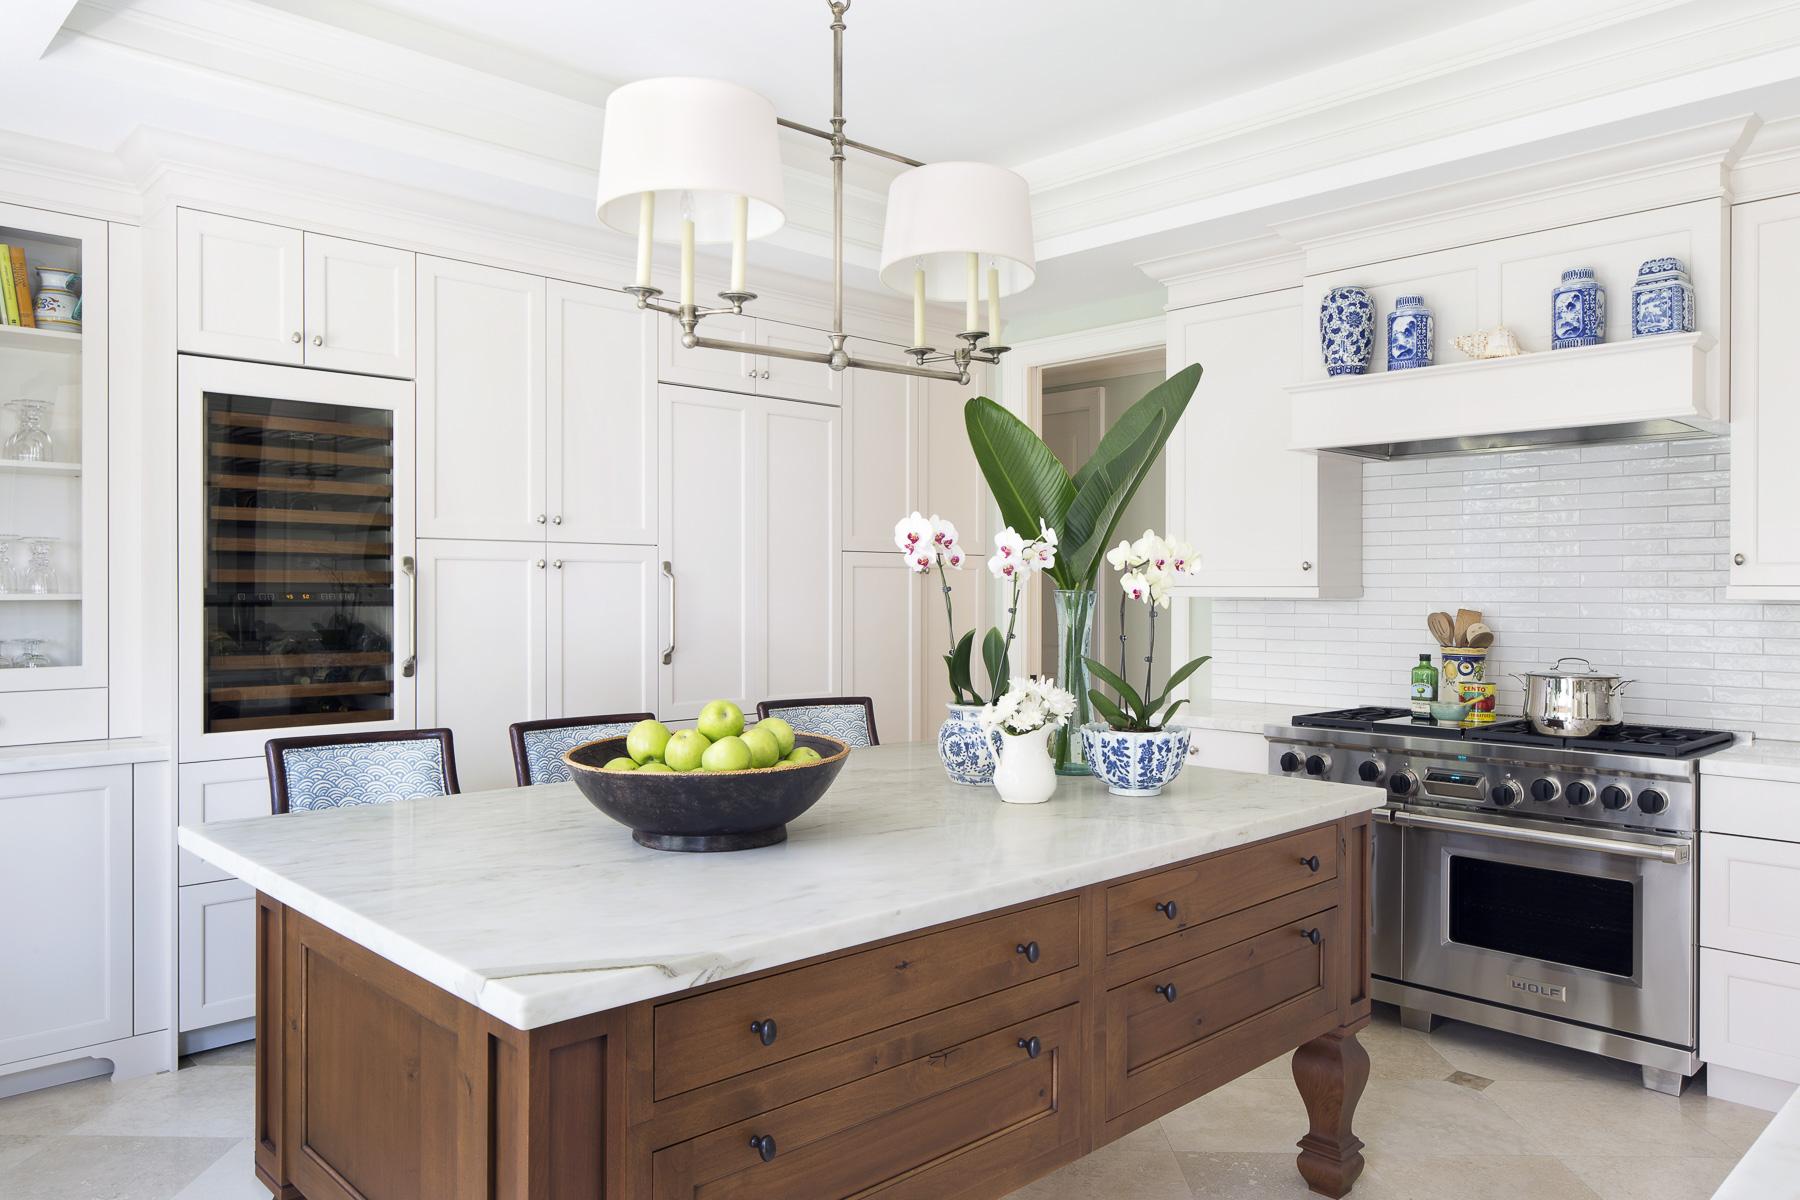 Inspiring kitchens by design vero beach gallery best for Kitchen cabinets vero beach